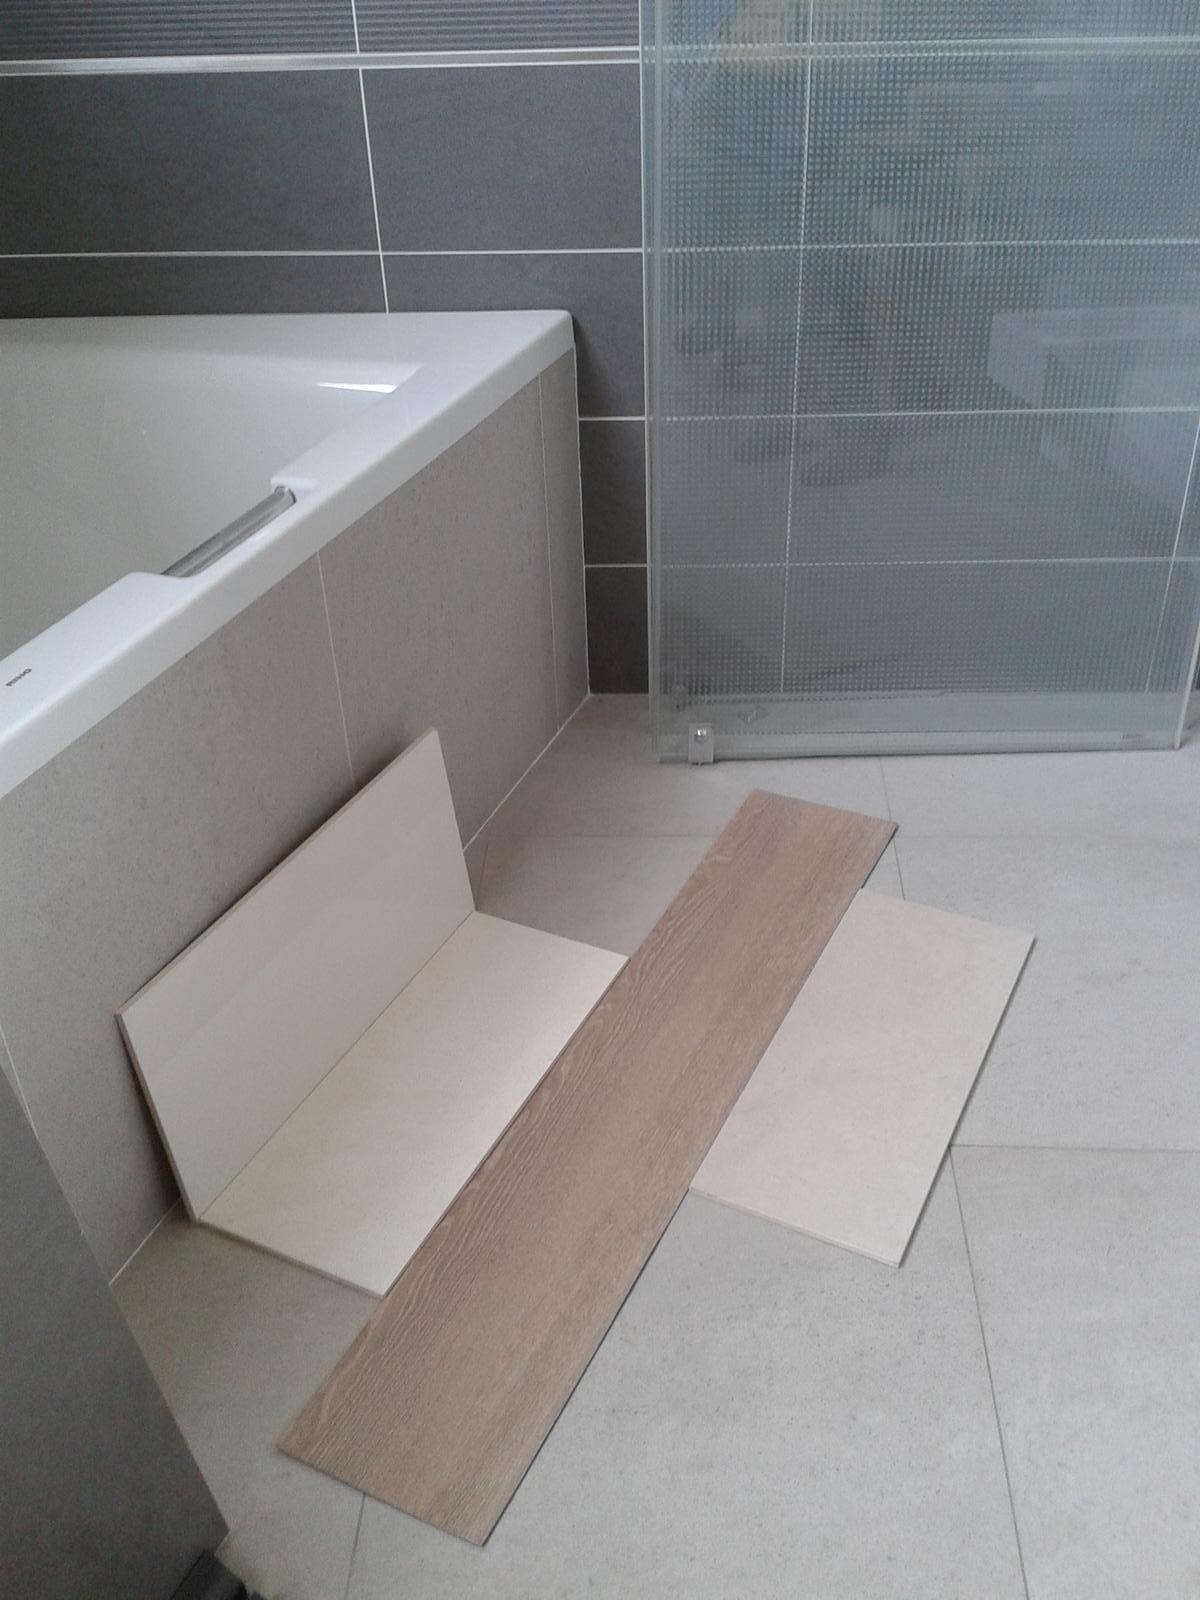 Mala panelakova koupelna - Obrázek č. 35